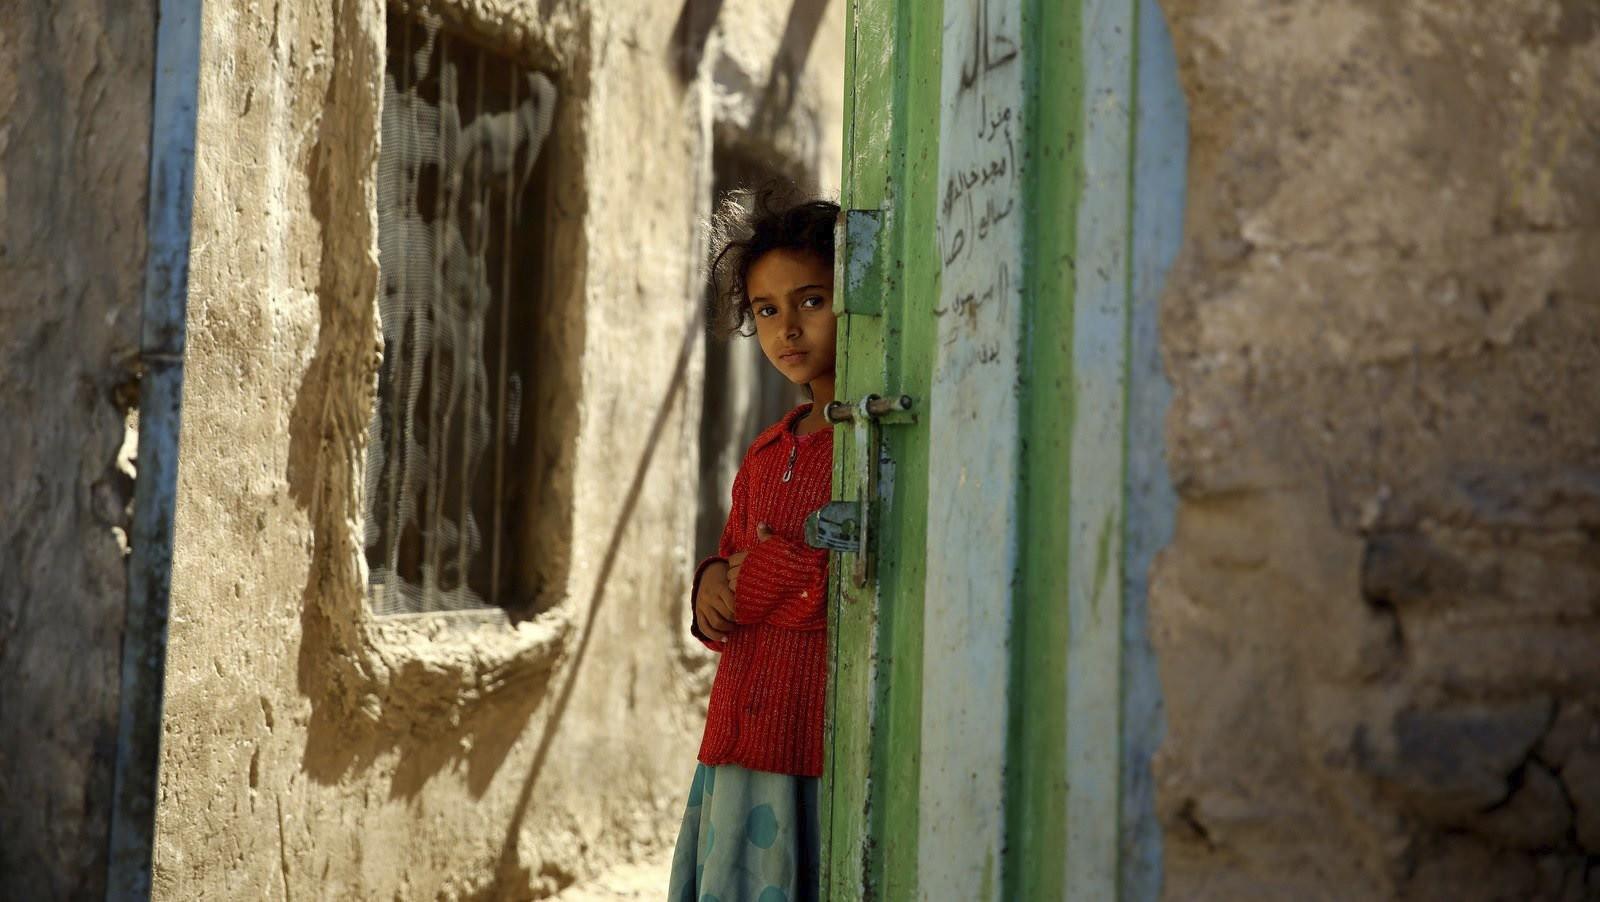 A Yemeni girl stands in a doorway in the conflict zone in Sanaa, Yemen, Nov. 9, 2015.